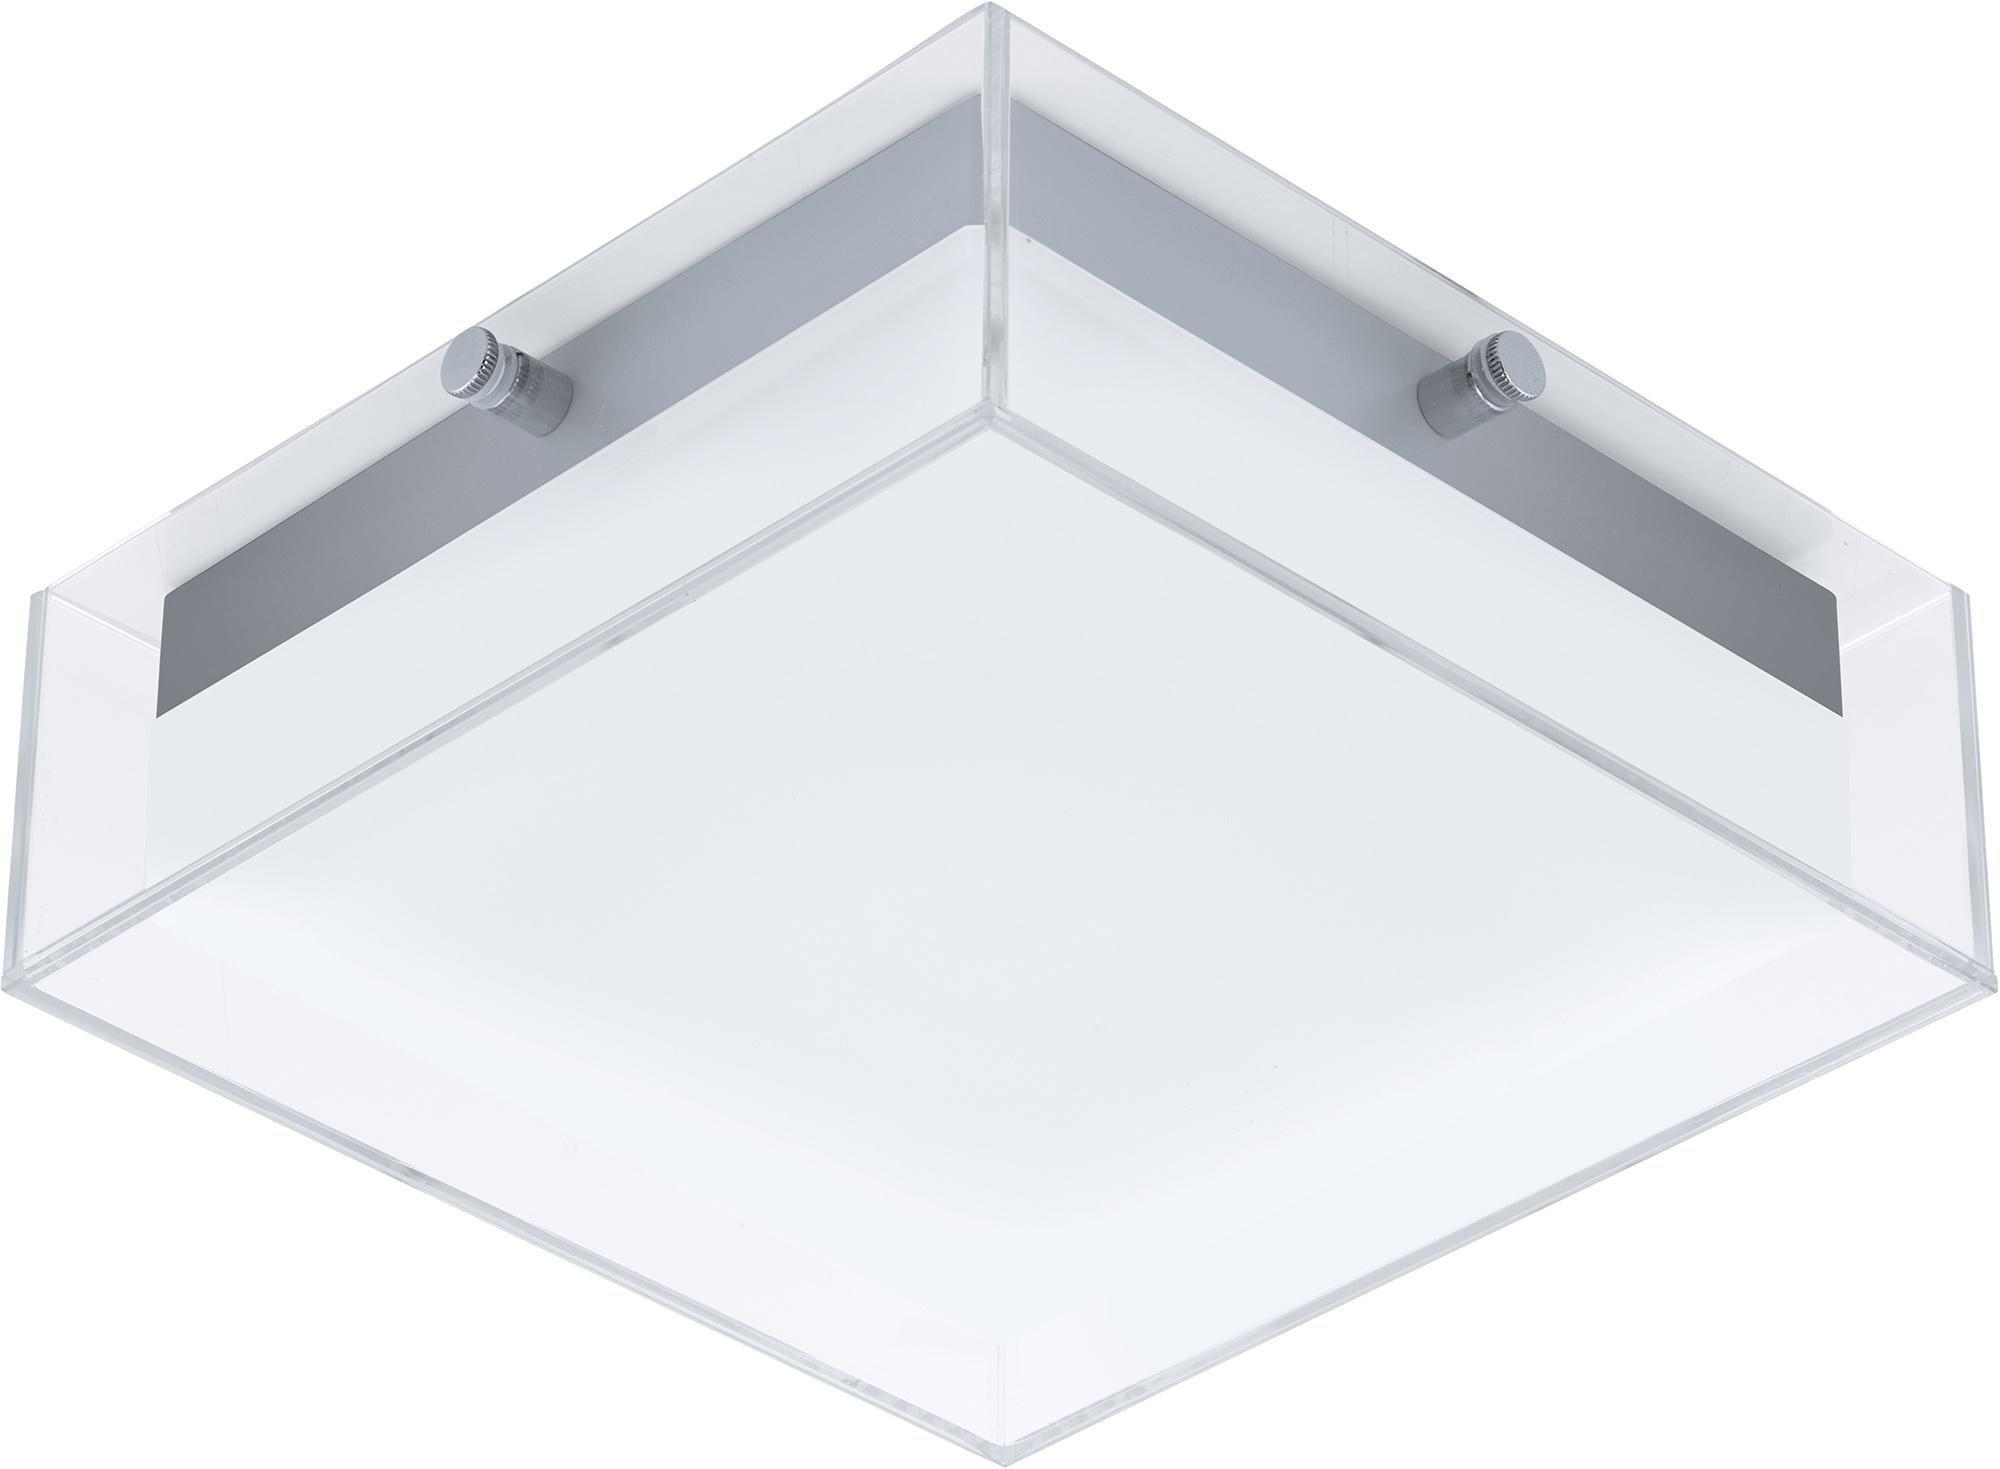 EGLO led-plafondlamp voor buiten INFESTO Led verwisselbaar goedkoop op otto.nl kopen